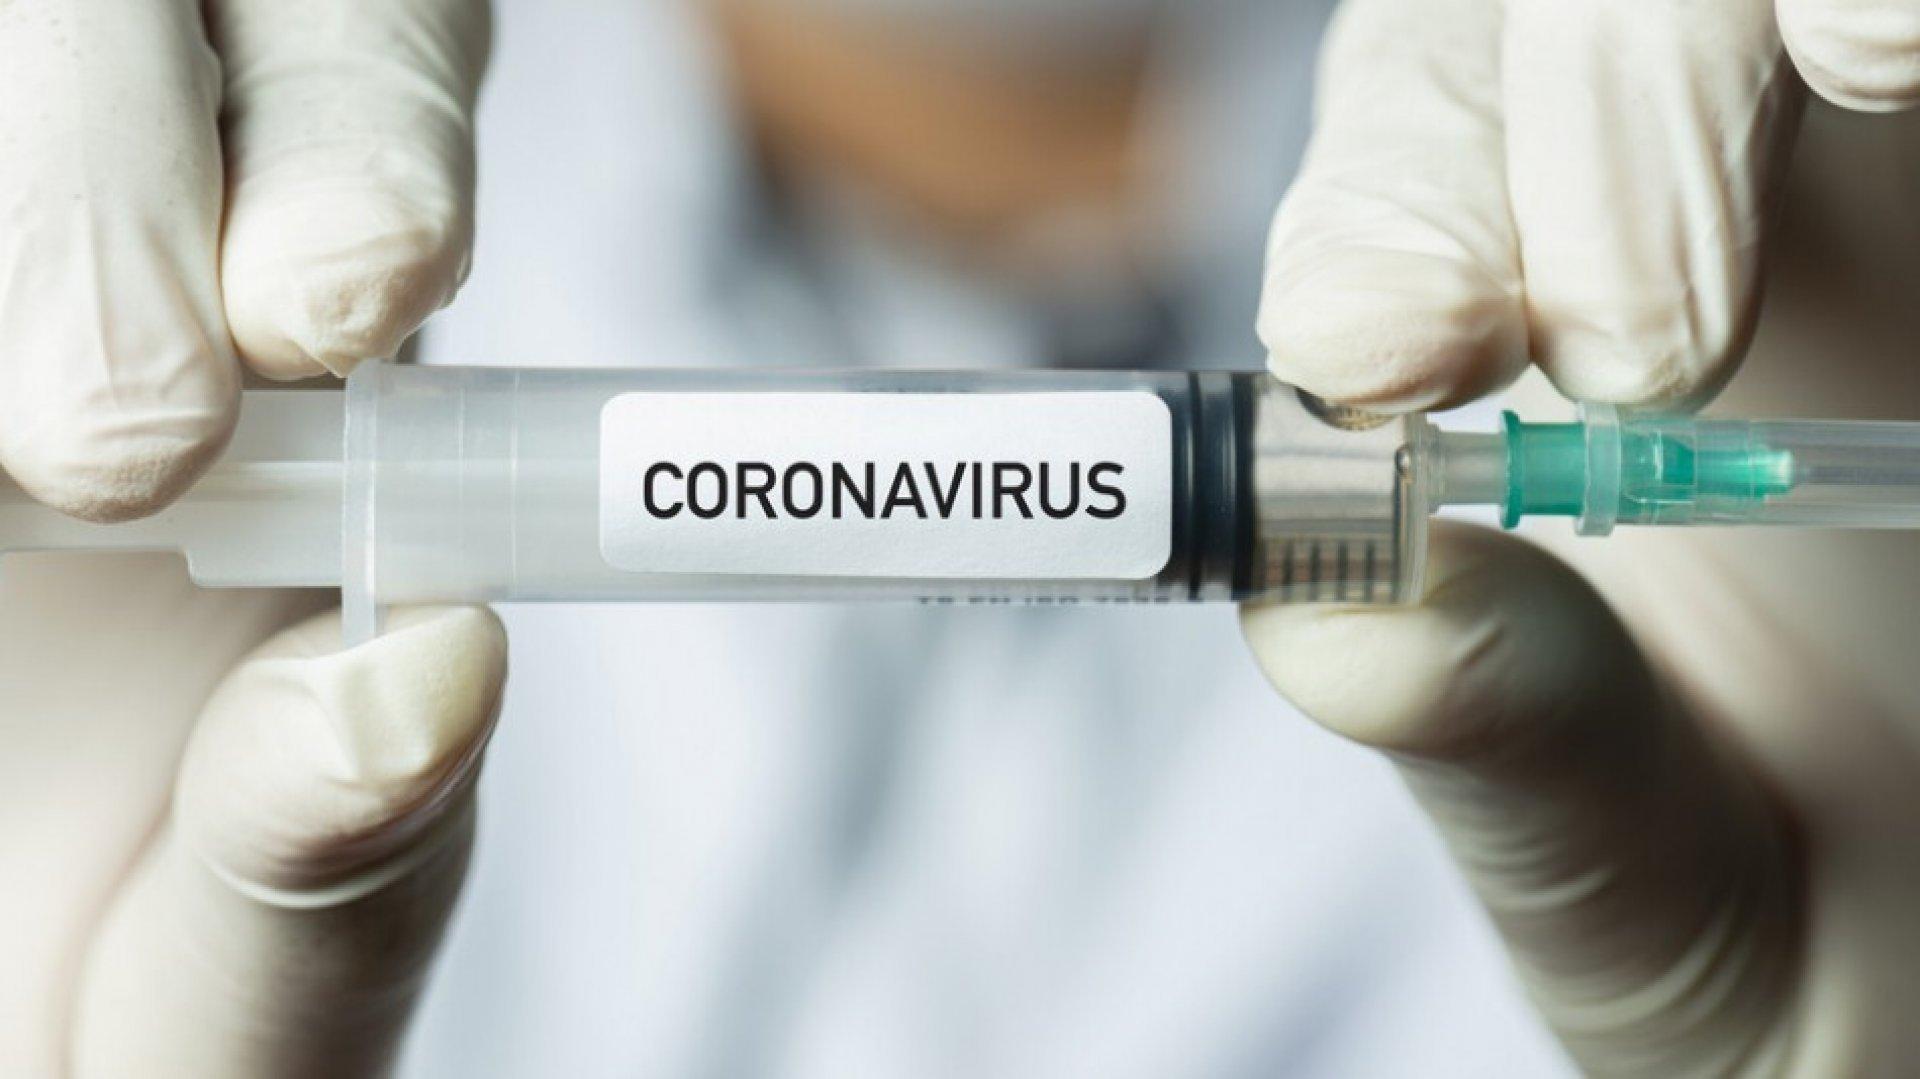 Удължаването се налага, заради пандемията от COVID-19. Снимката е илюстративна